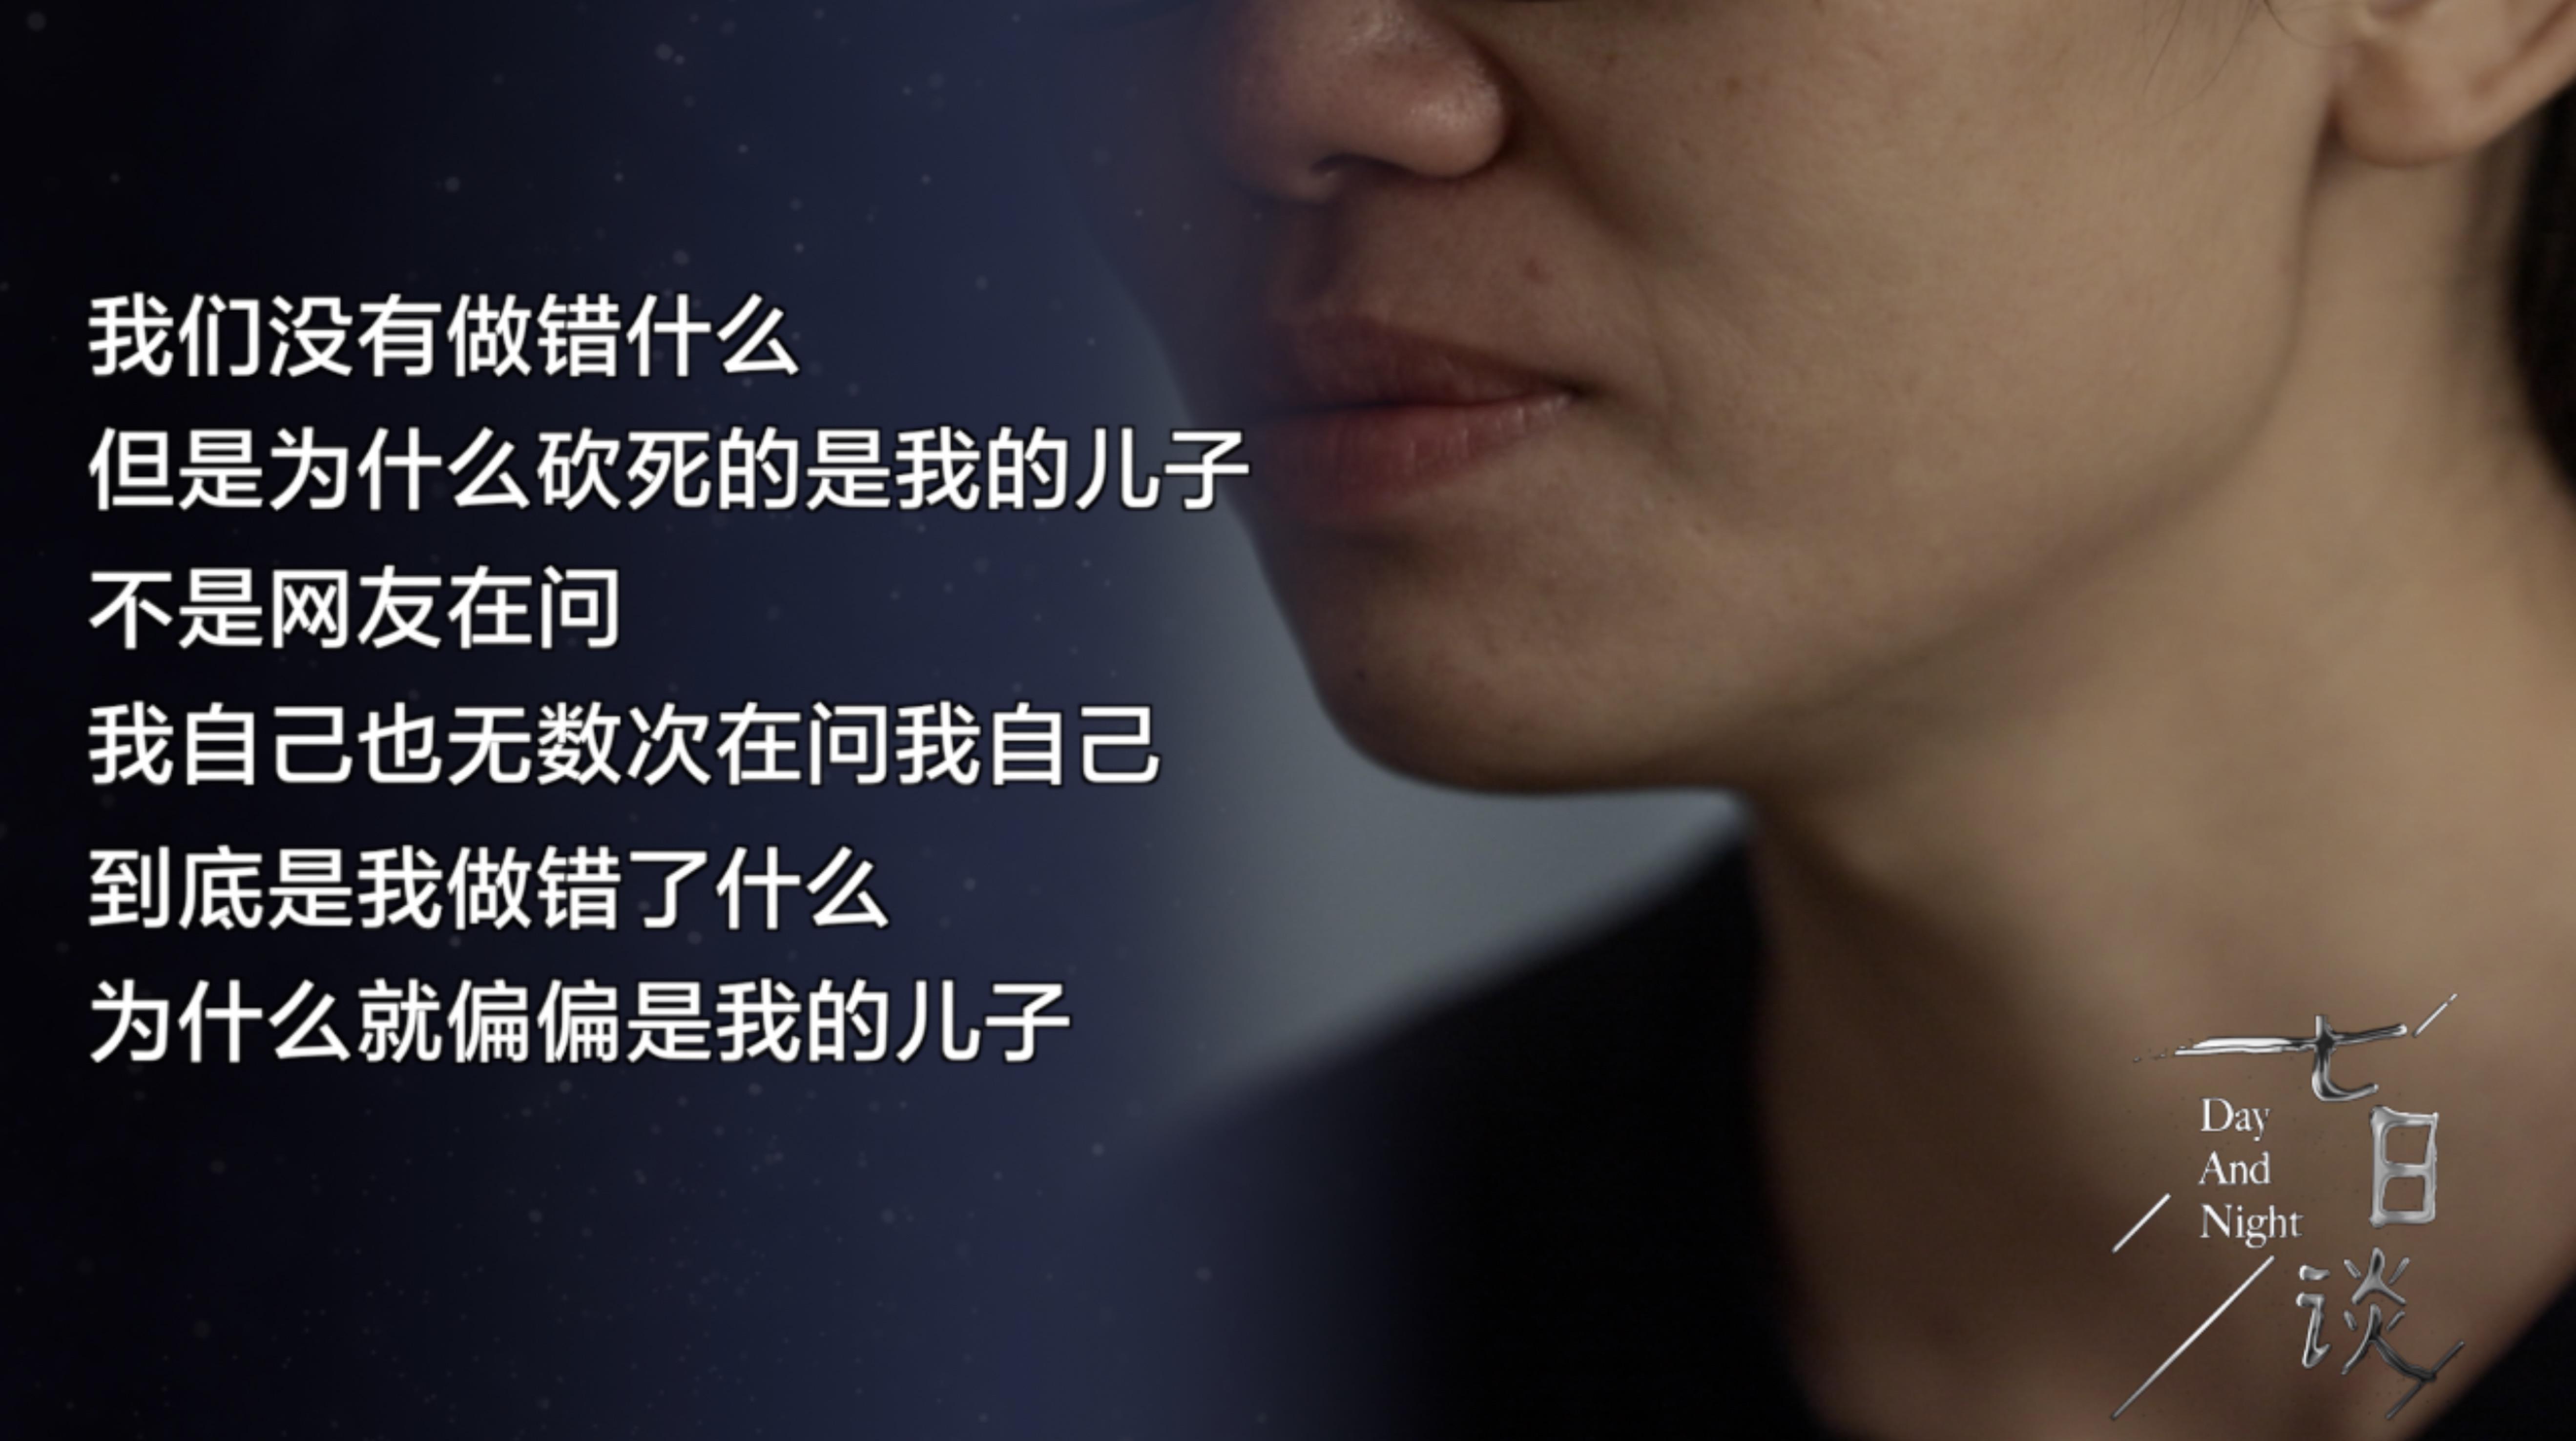 湖南新邵3.29命案追踪:无用之地与被砍杀的孩子